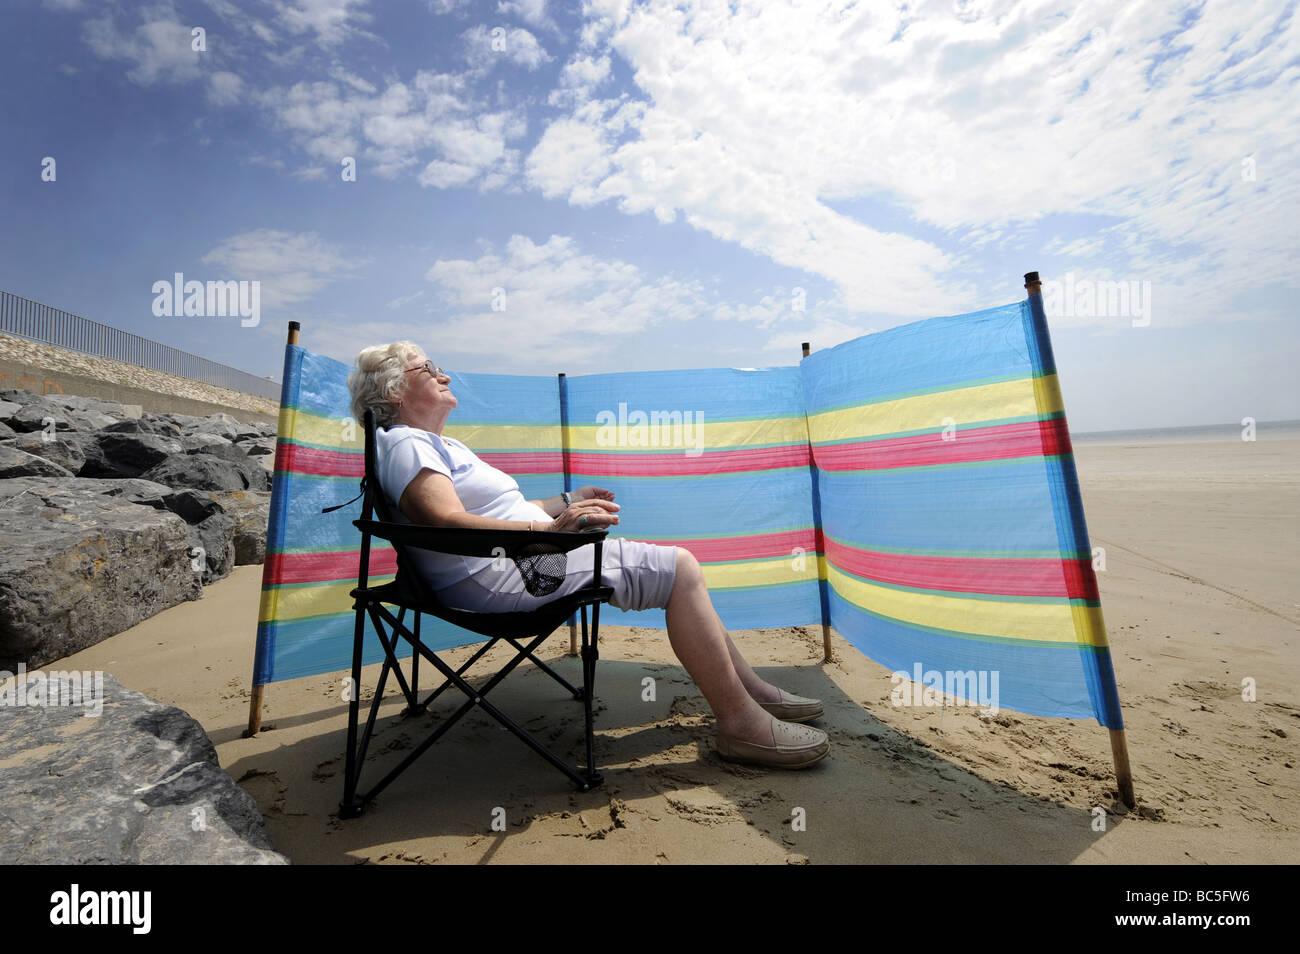 Uma VELHICE PENSIONISTA goza de apanhar banhos de sol na praia britânica com WINDBREAKER RE FÉRIAS aposentadoria Imagens de Stock